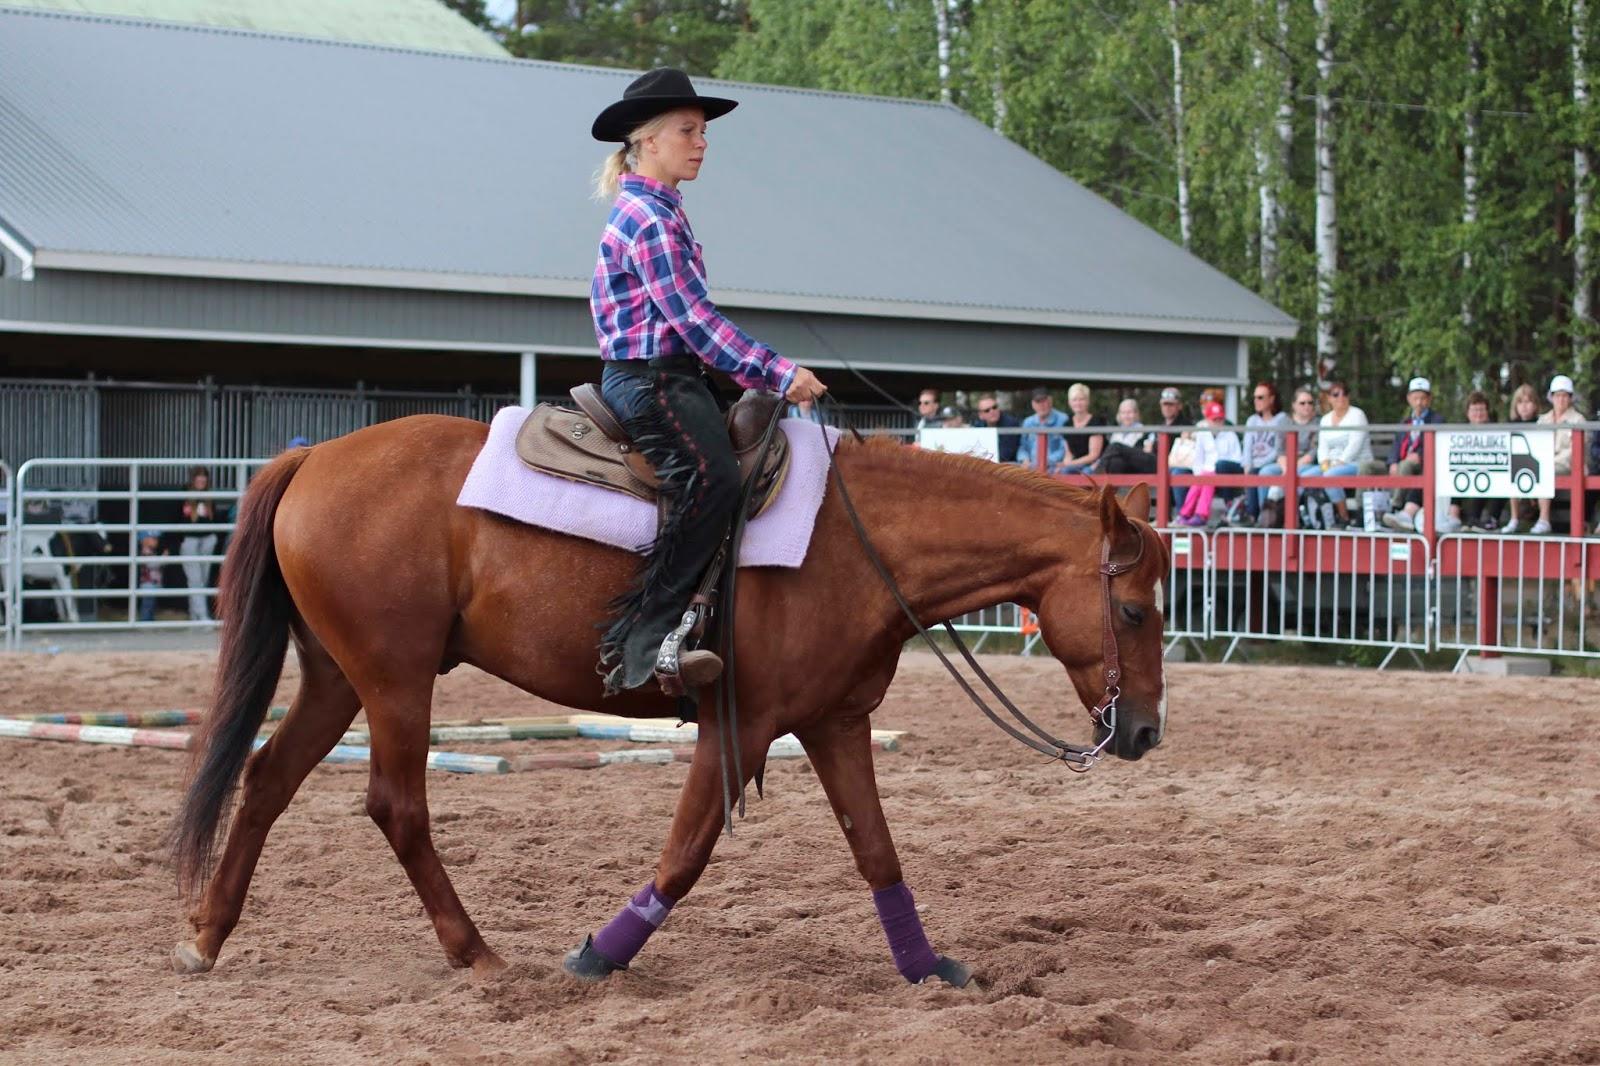 Sanna Liimatainen esittelee lännenratsastusta Okrassa 2019